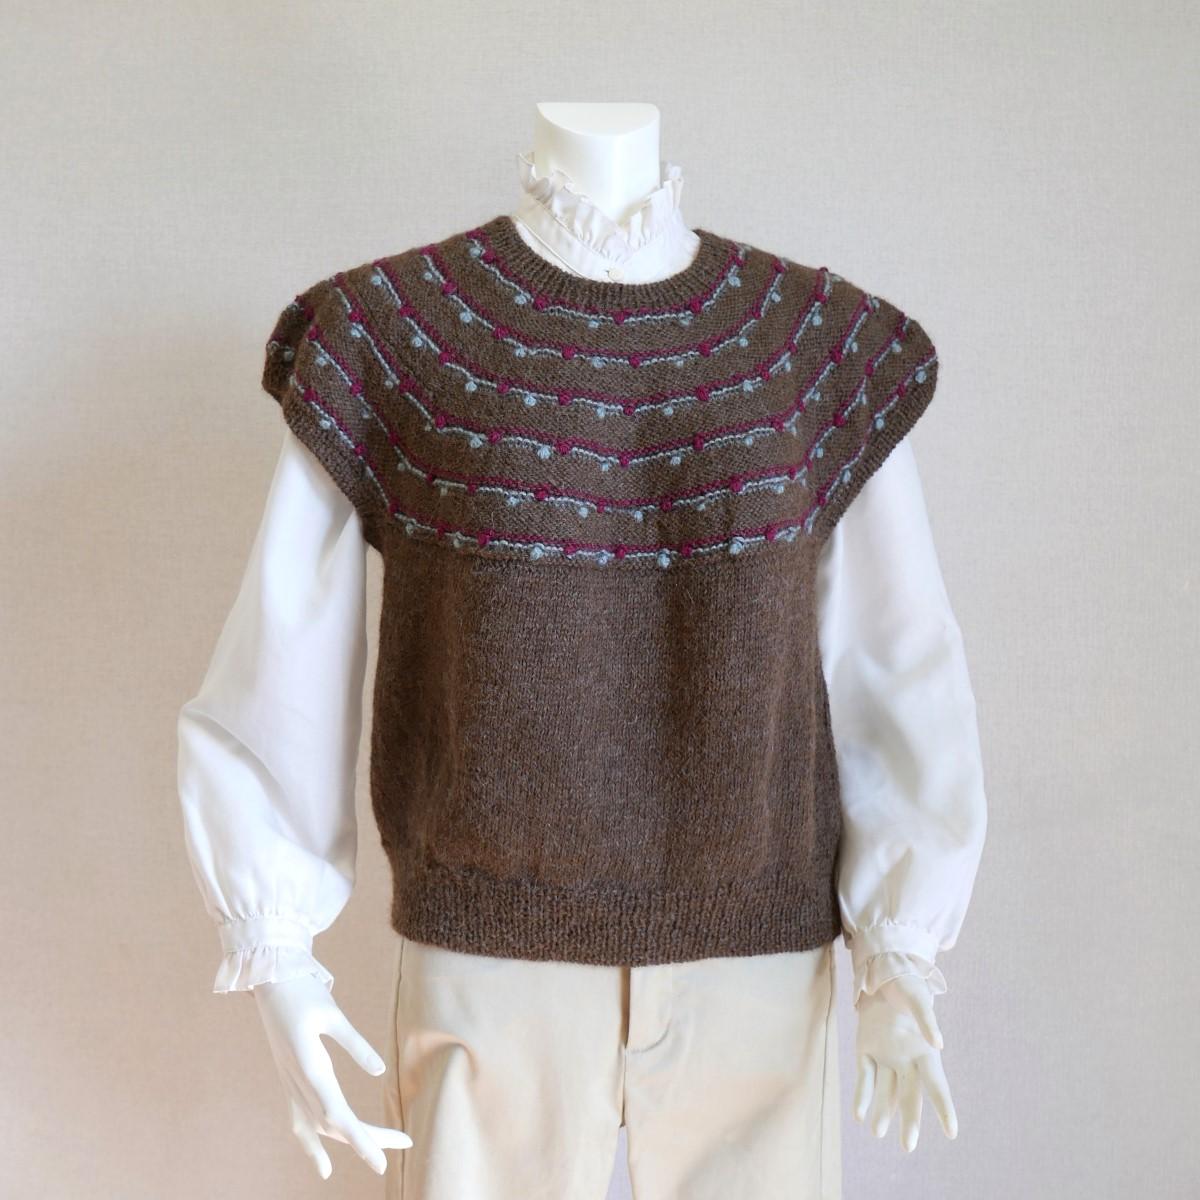 アンリ 手編み 半袖セーター ベスト アルパカ 毛糸 てあみ天国